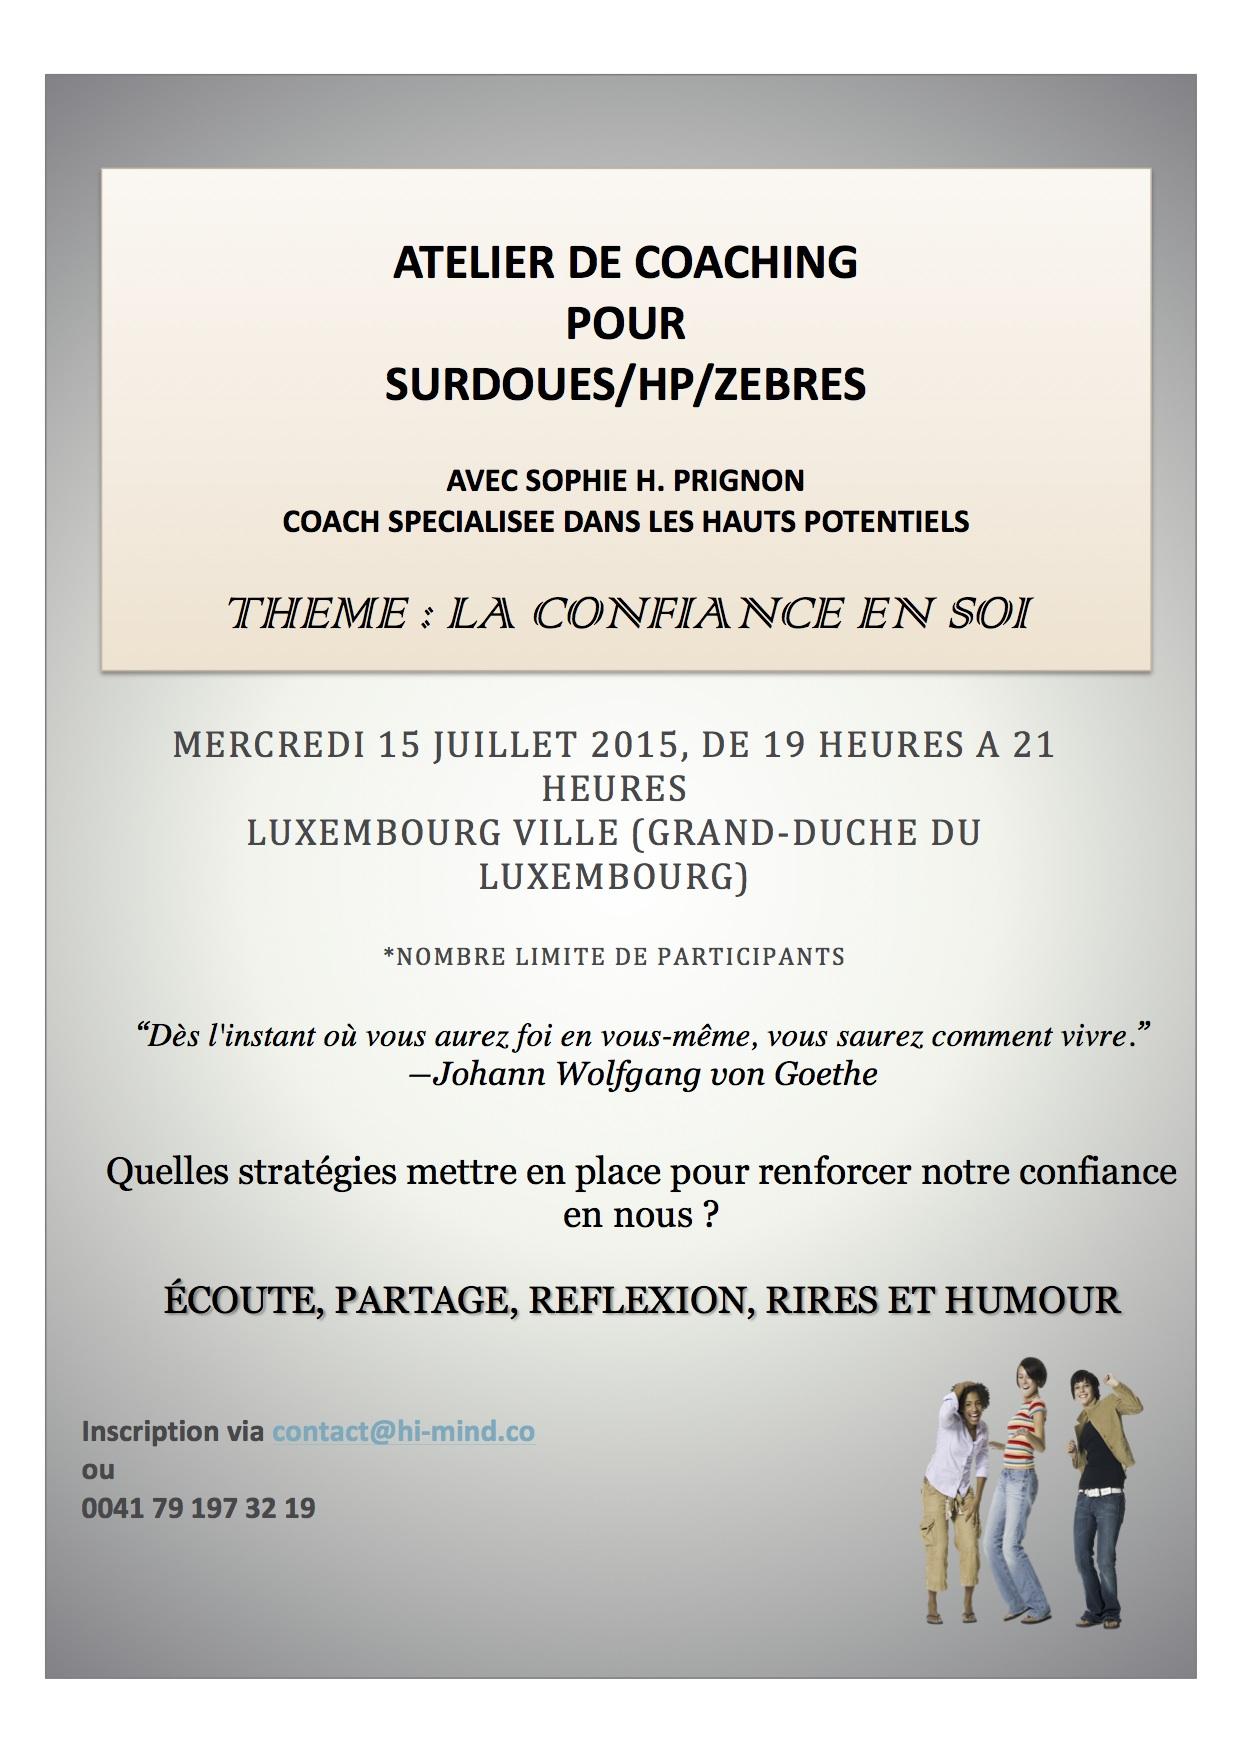 Atelier de coaching Luxembourg